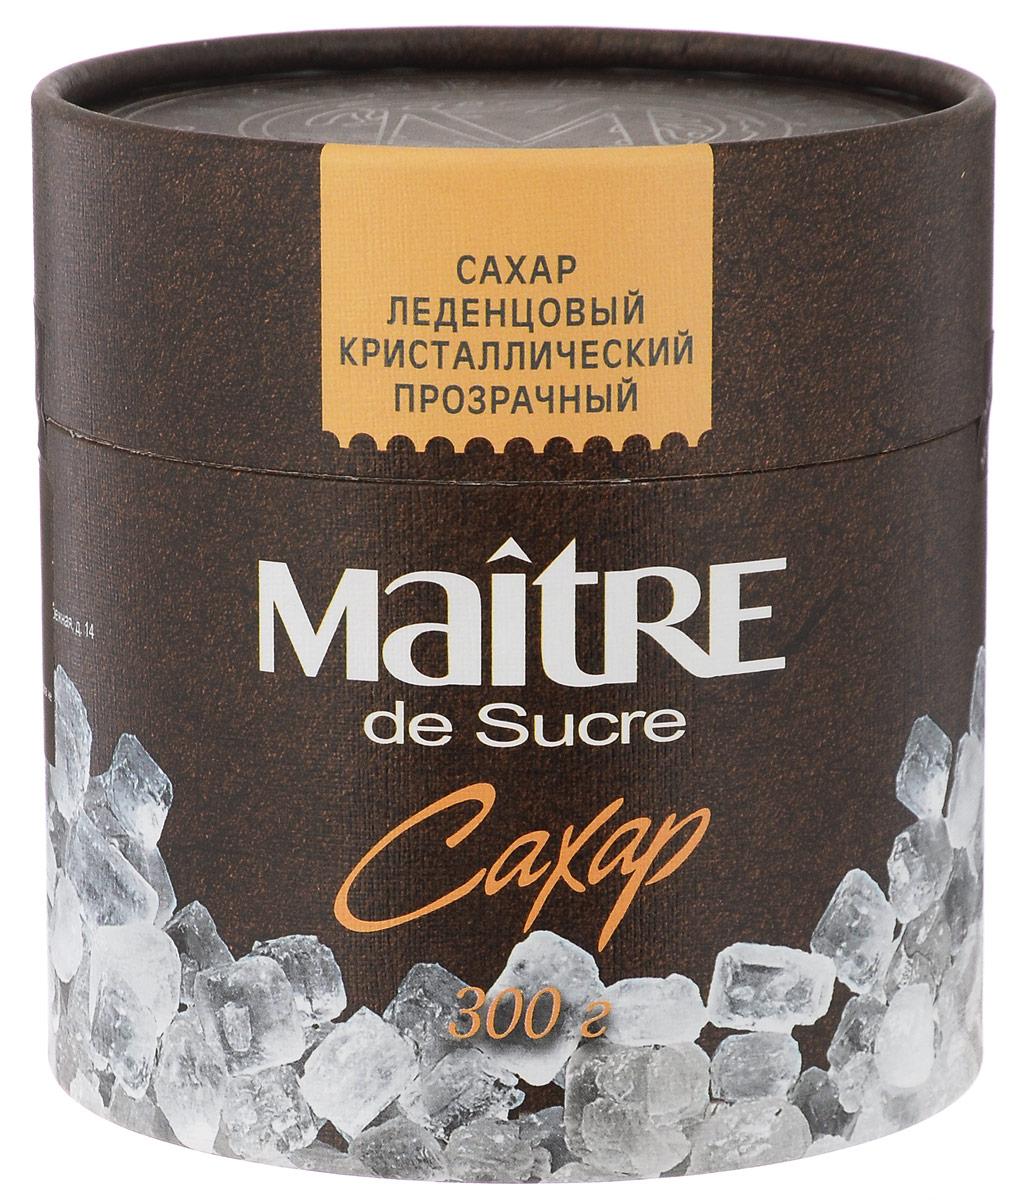 Maitre de Sucre сахар леденцовый прозрачный кристаллический, 300 г0120710Сахар Maitre de Sucre - отличная альтернатива для любителей конфет и леденцов. При заливании кипятком эти белые прозрачные кристаллы издают характерный звук, напоминающий морозный треск. Идеален для чая.